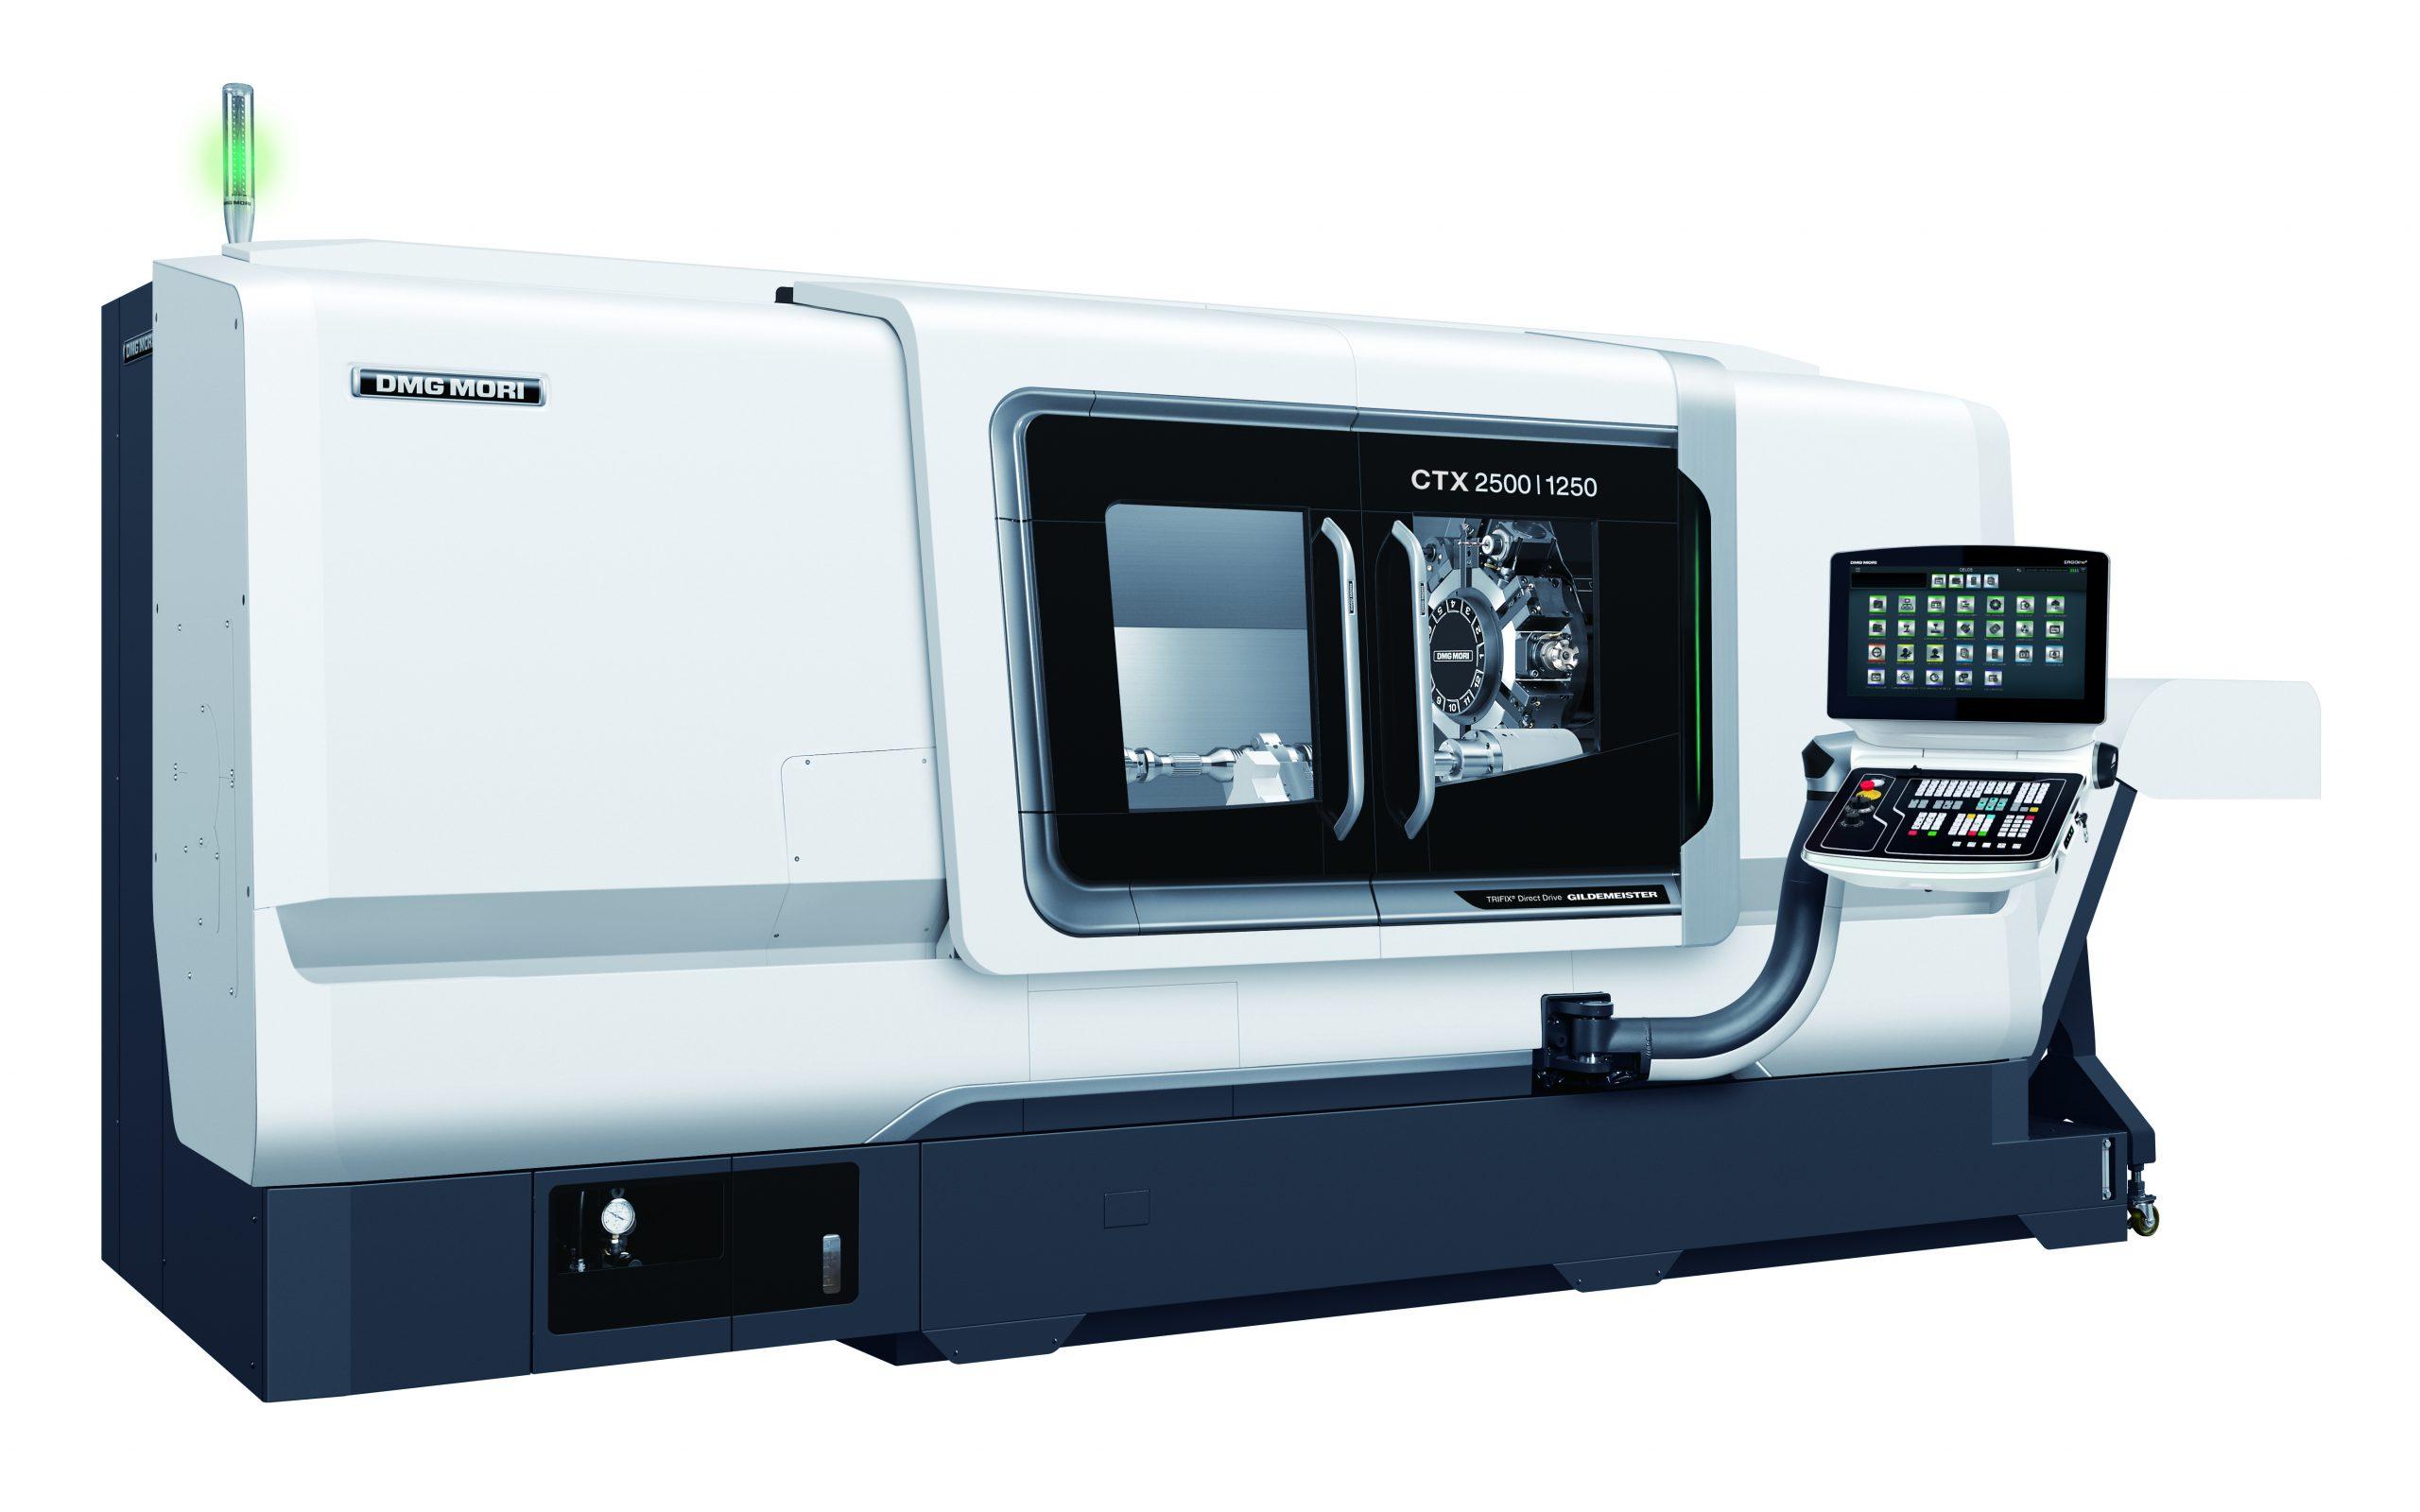 CNC-Drehmaschine DMG CTX 2500/1250 mit angetriebenen Werkzeugen und Y-Achse DrehØ = 500 mm Drehlänge = 2500 mm  Stangendurchlass = 90 mm